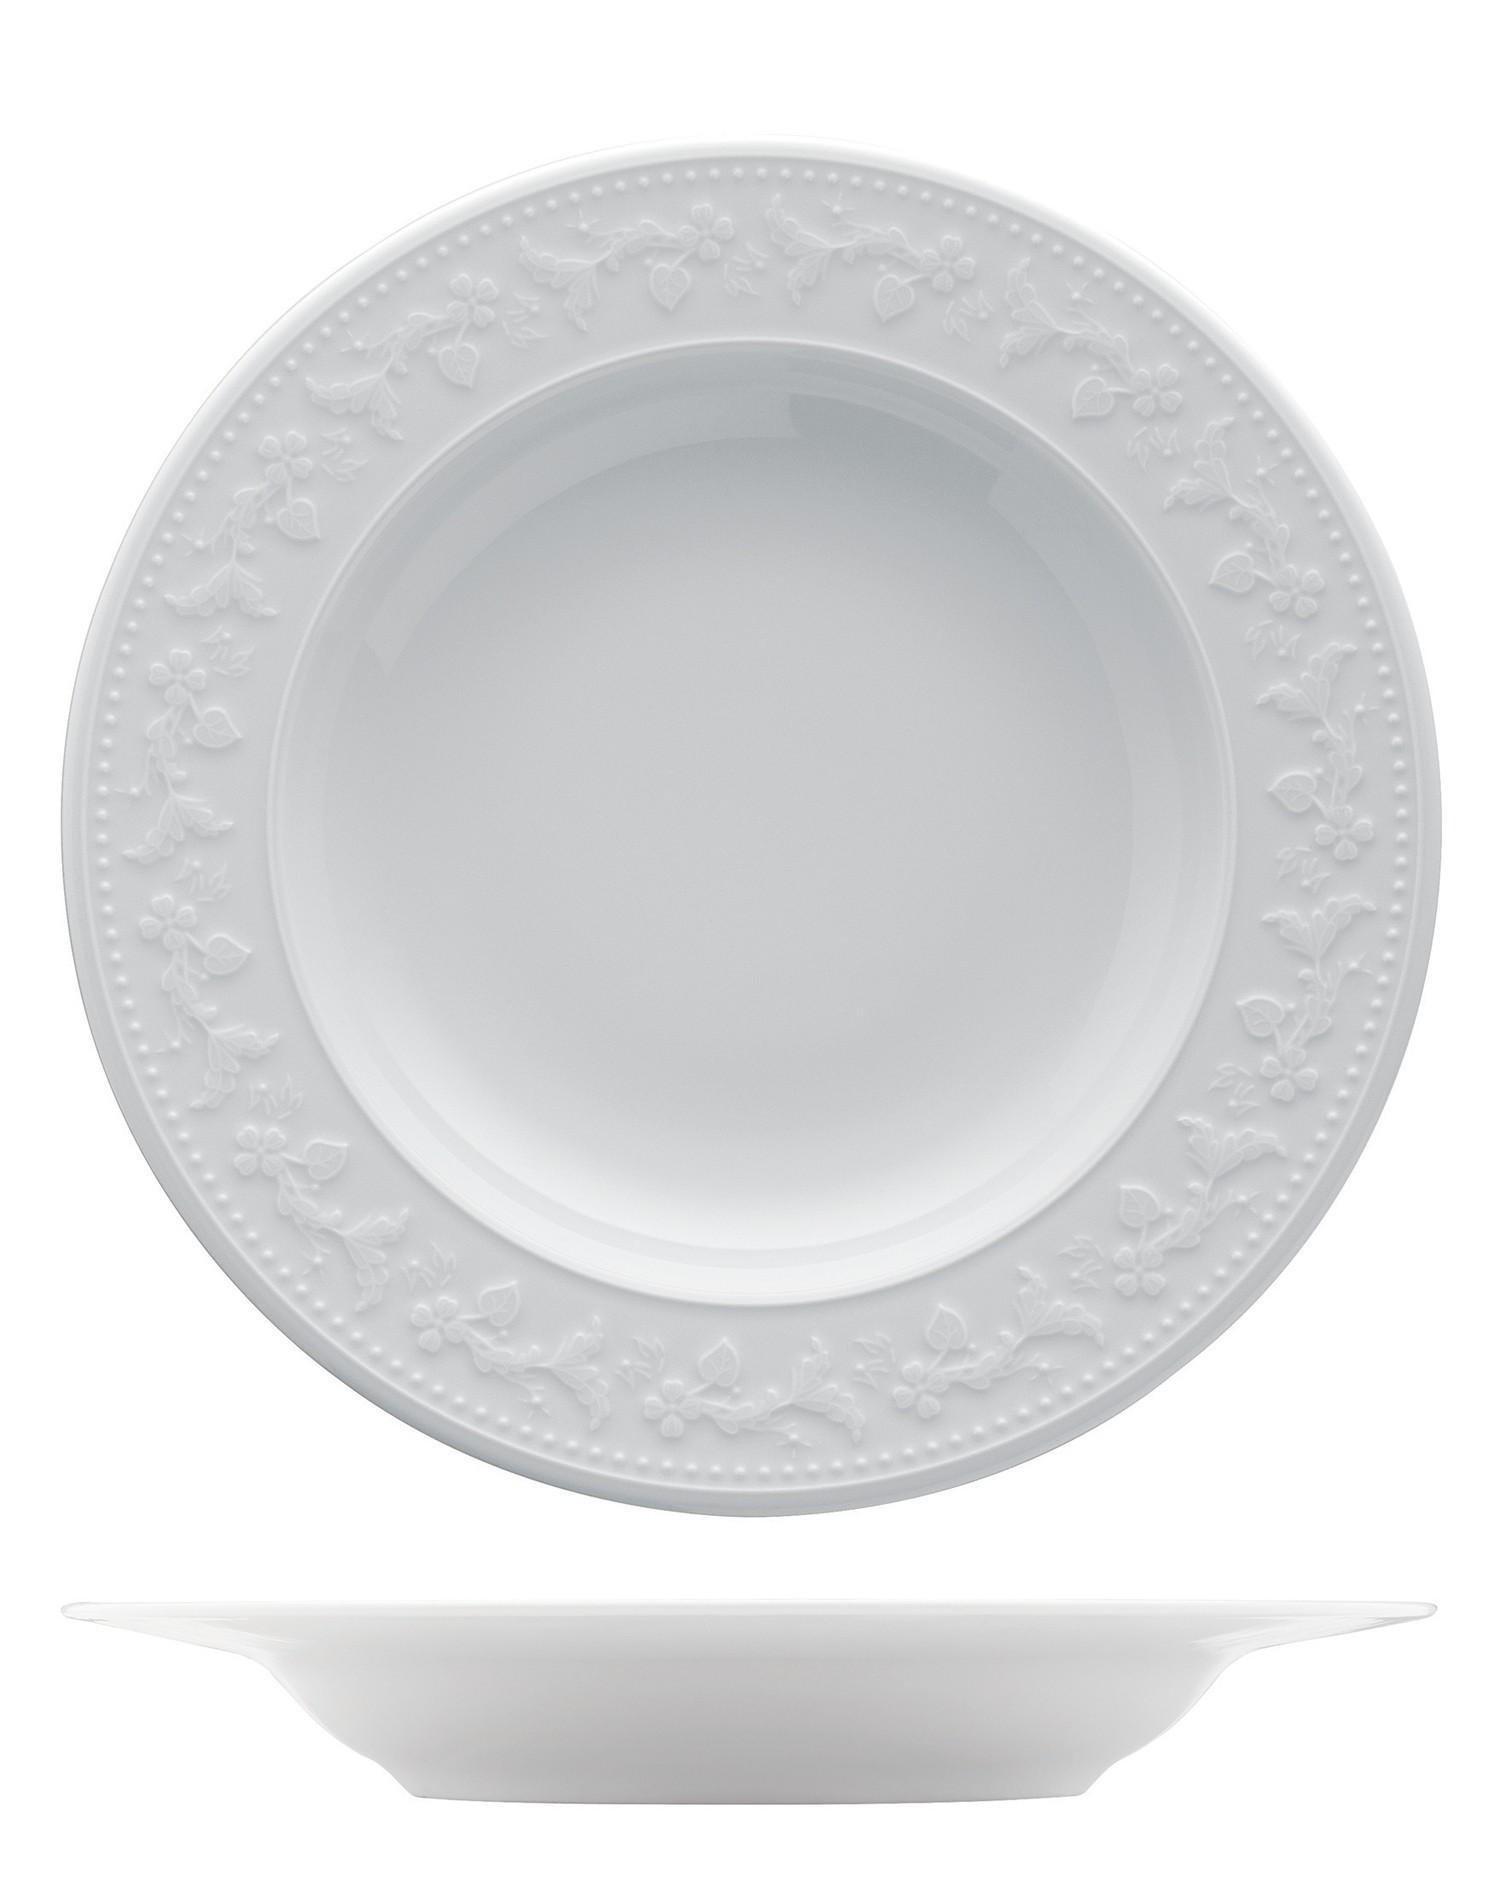 πιάτο βαθύ ionia 22cm δήμητρα home   ειδη σερβιρισματος   πιάτα